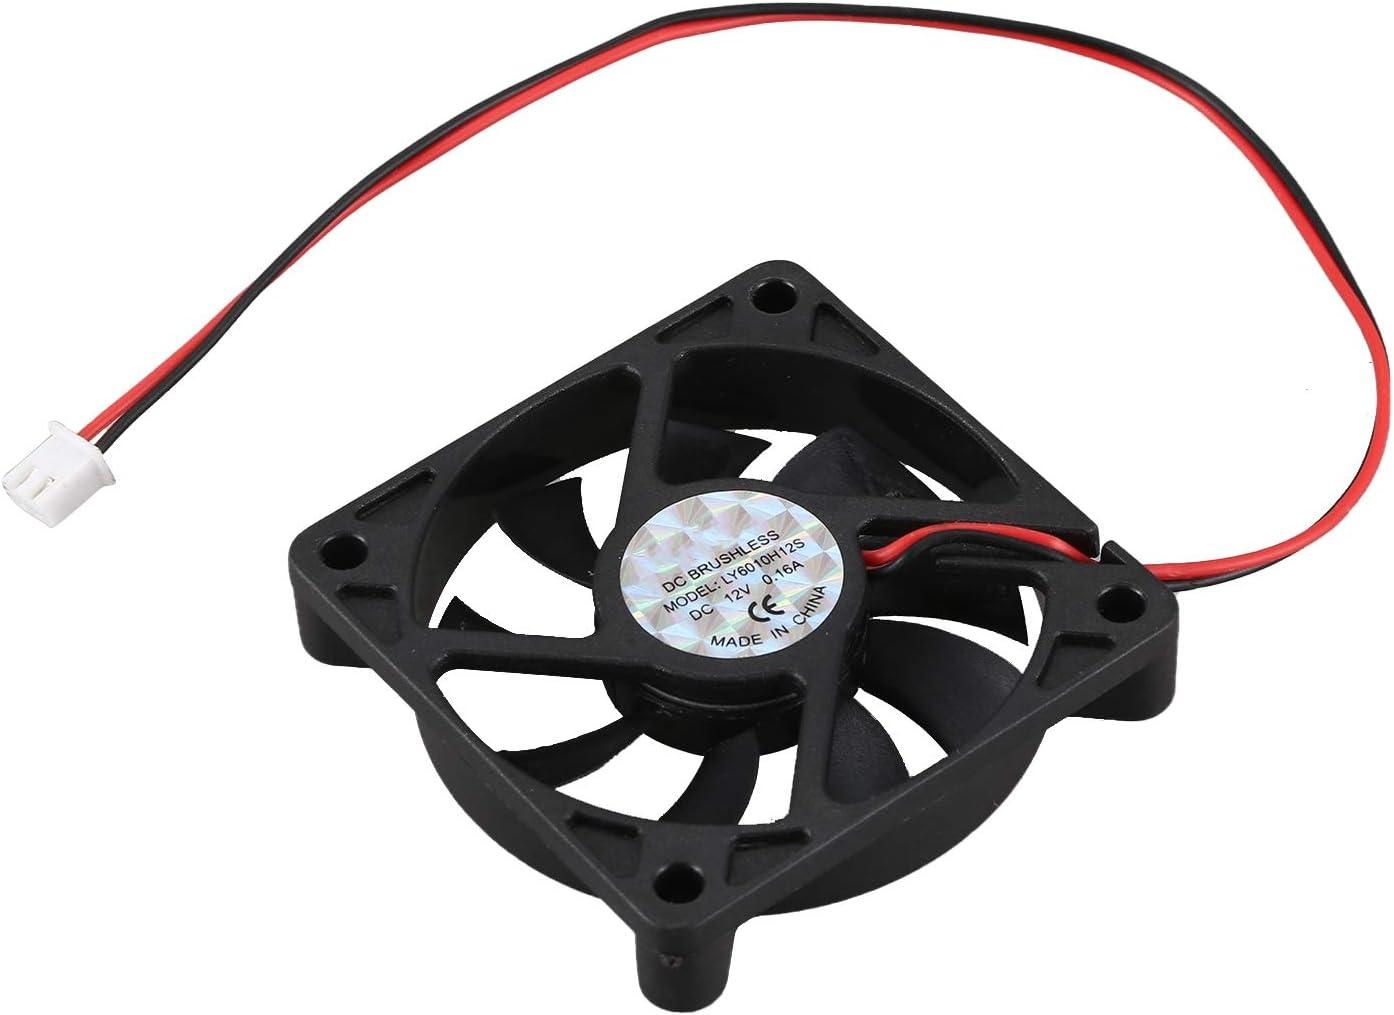 Semoic Ventilador de refrigeracion Enfriador de 2 Pines 60mm DC 12V 0.16A Caja de PC de Escritorio: Amazon.es: Electrónica